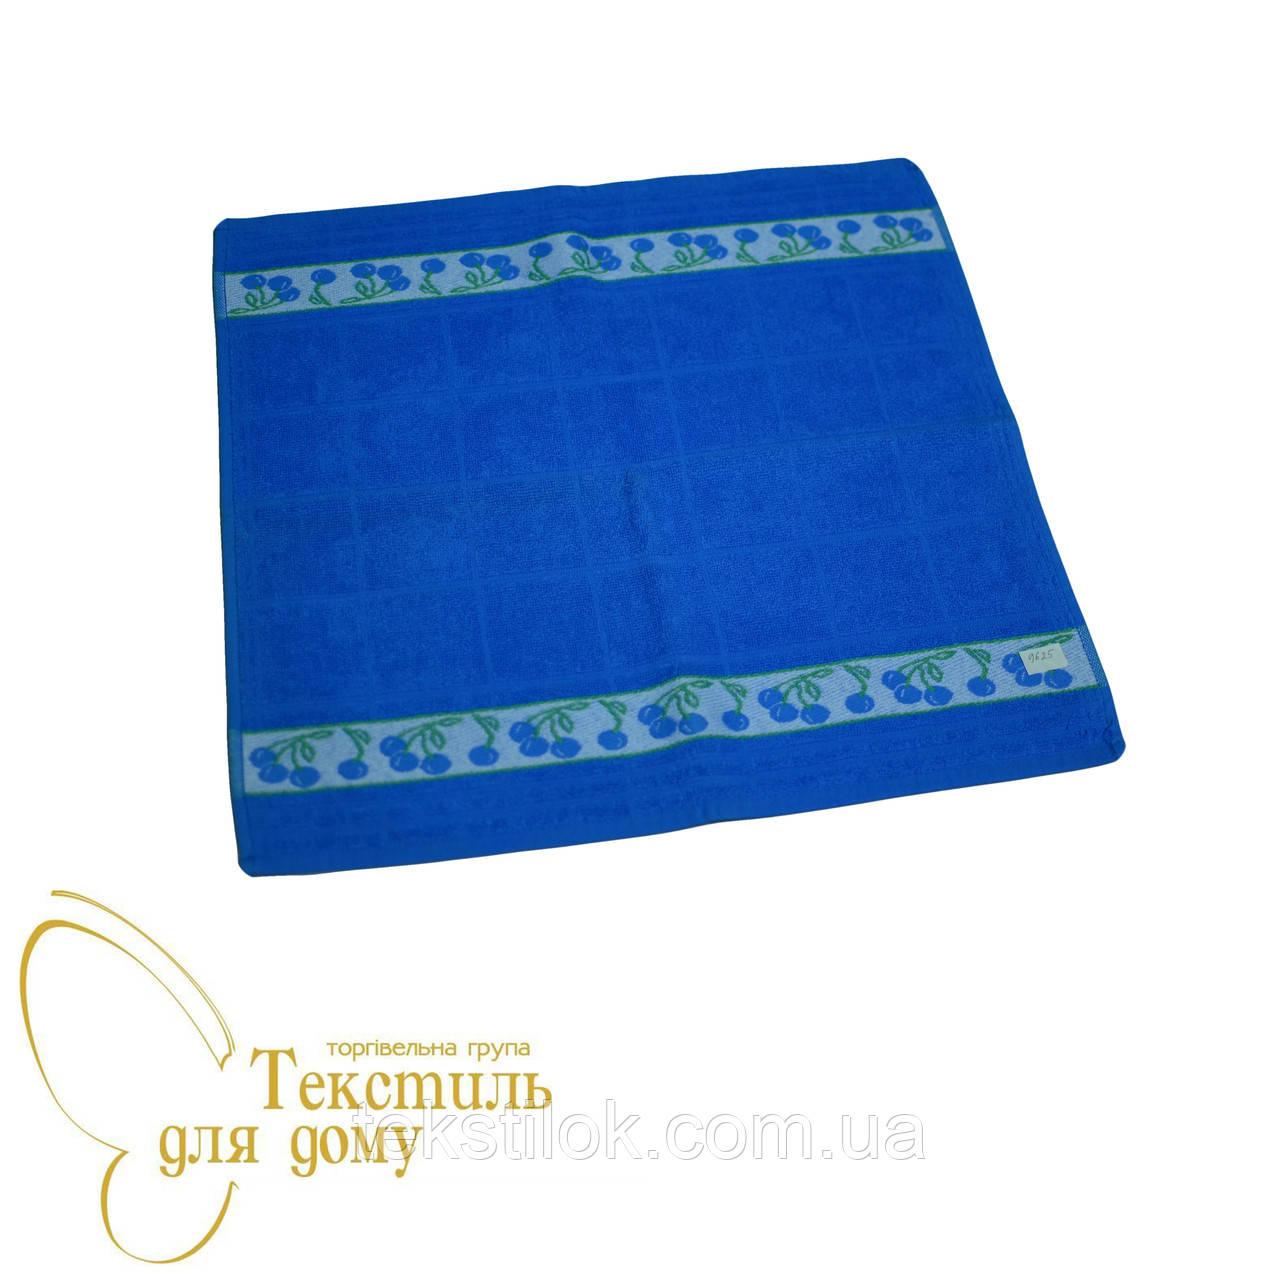 Кухонное полотенце махра 50*50 ассорти, синий